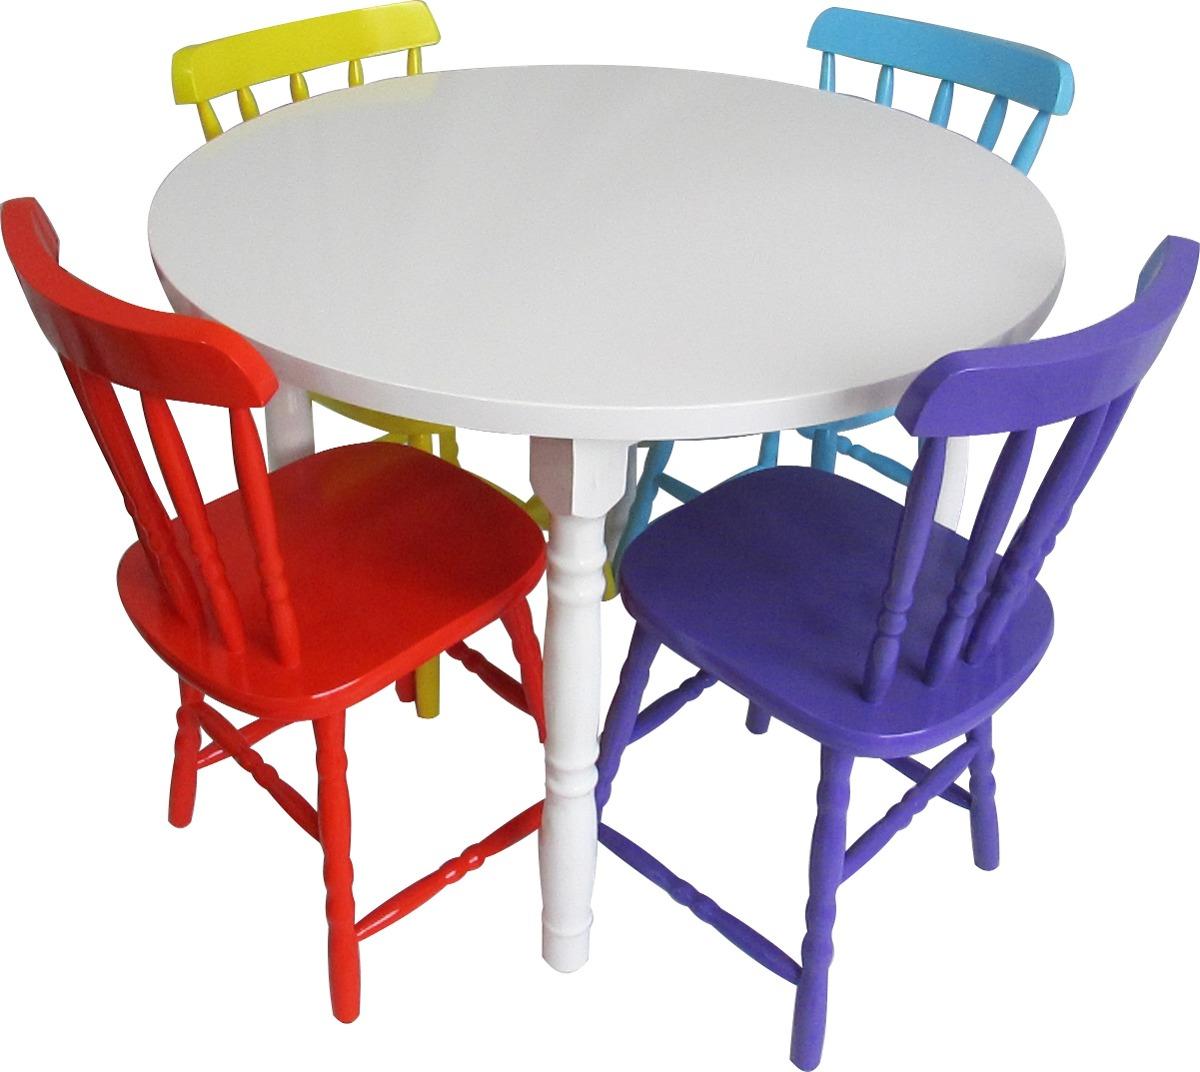 Conjunto De Mesa Country Com 4 Cadeiras Coloridas R$ 1.199 00 no  #B52016 1200x1072